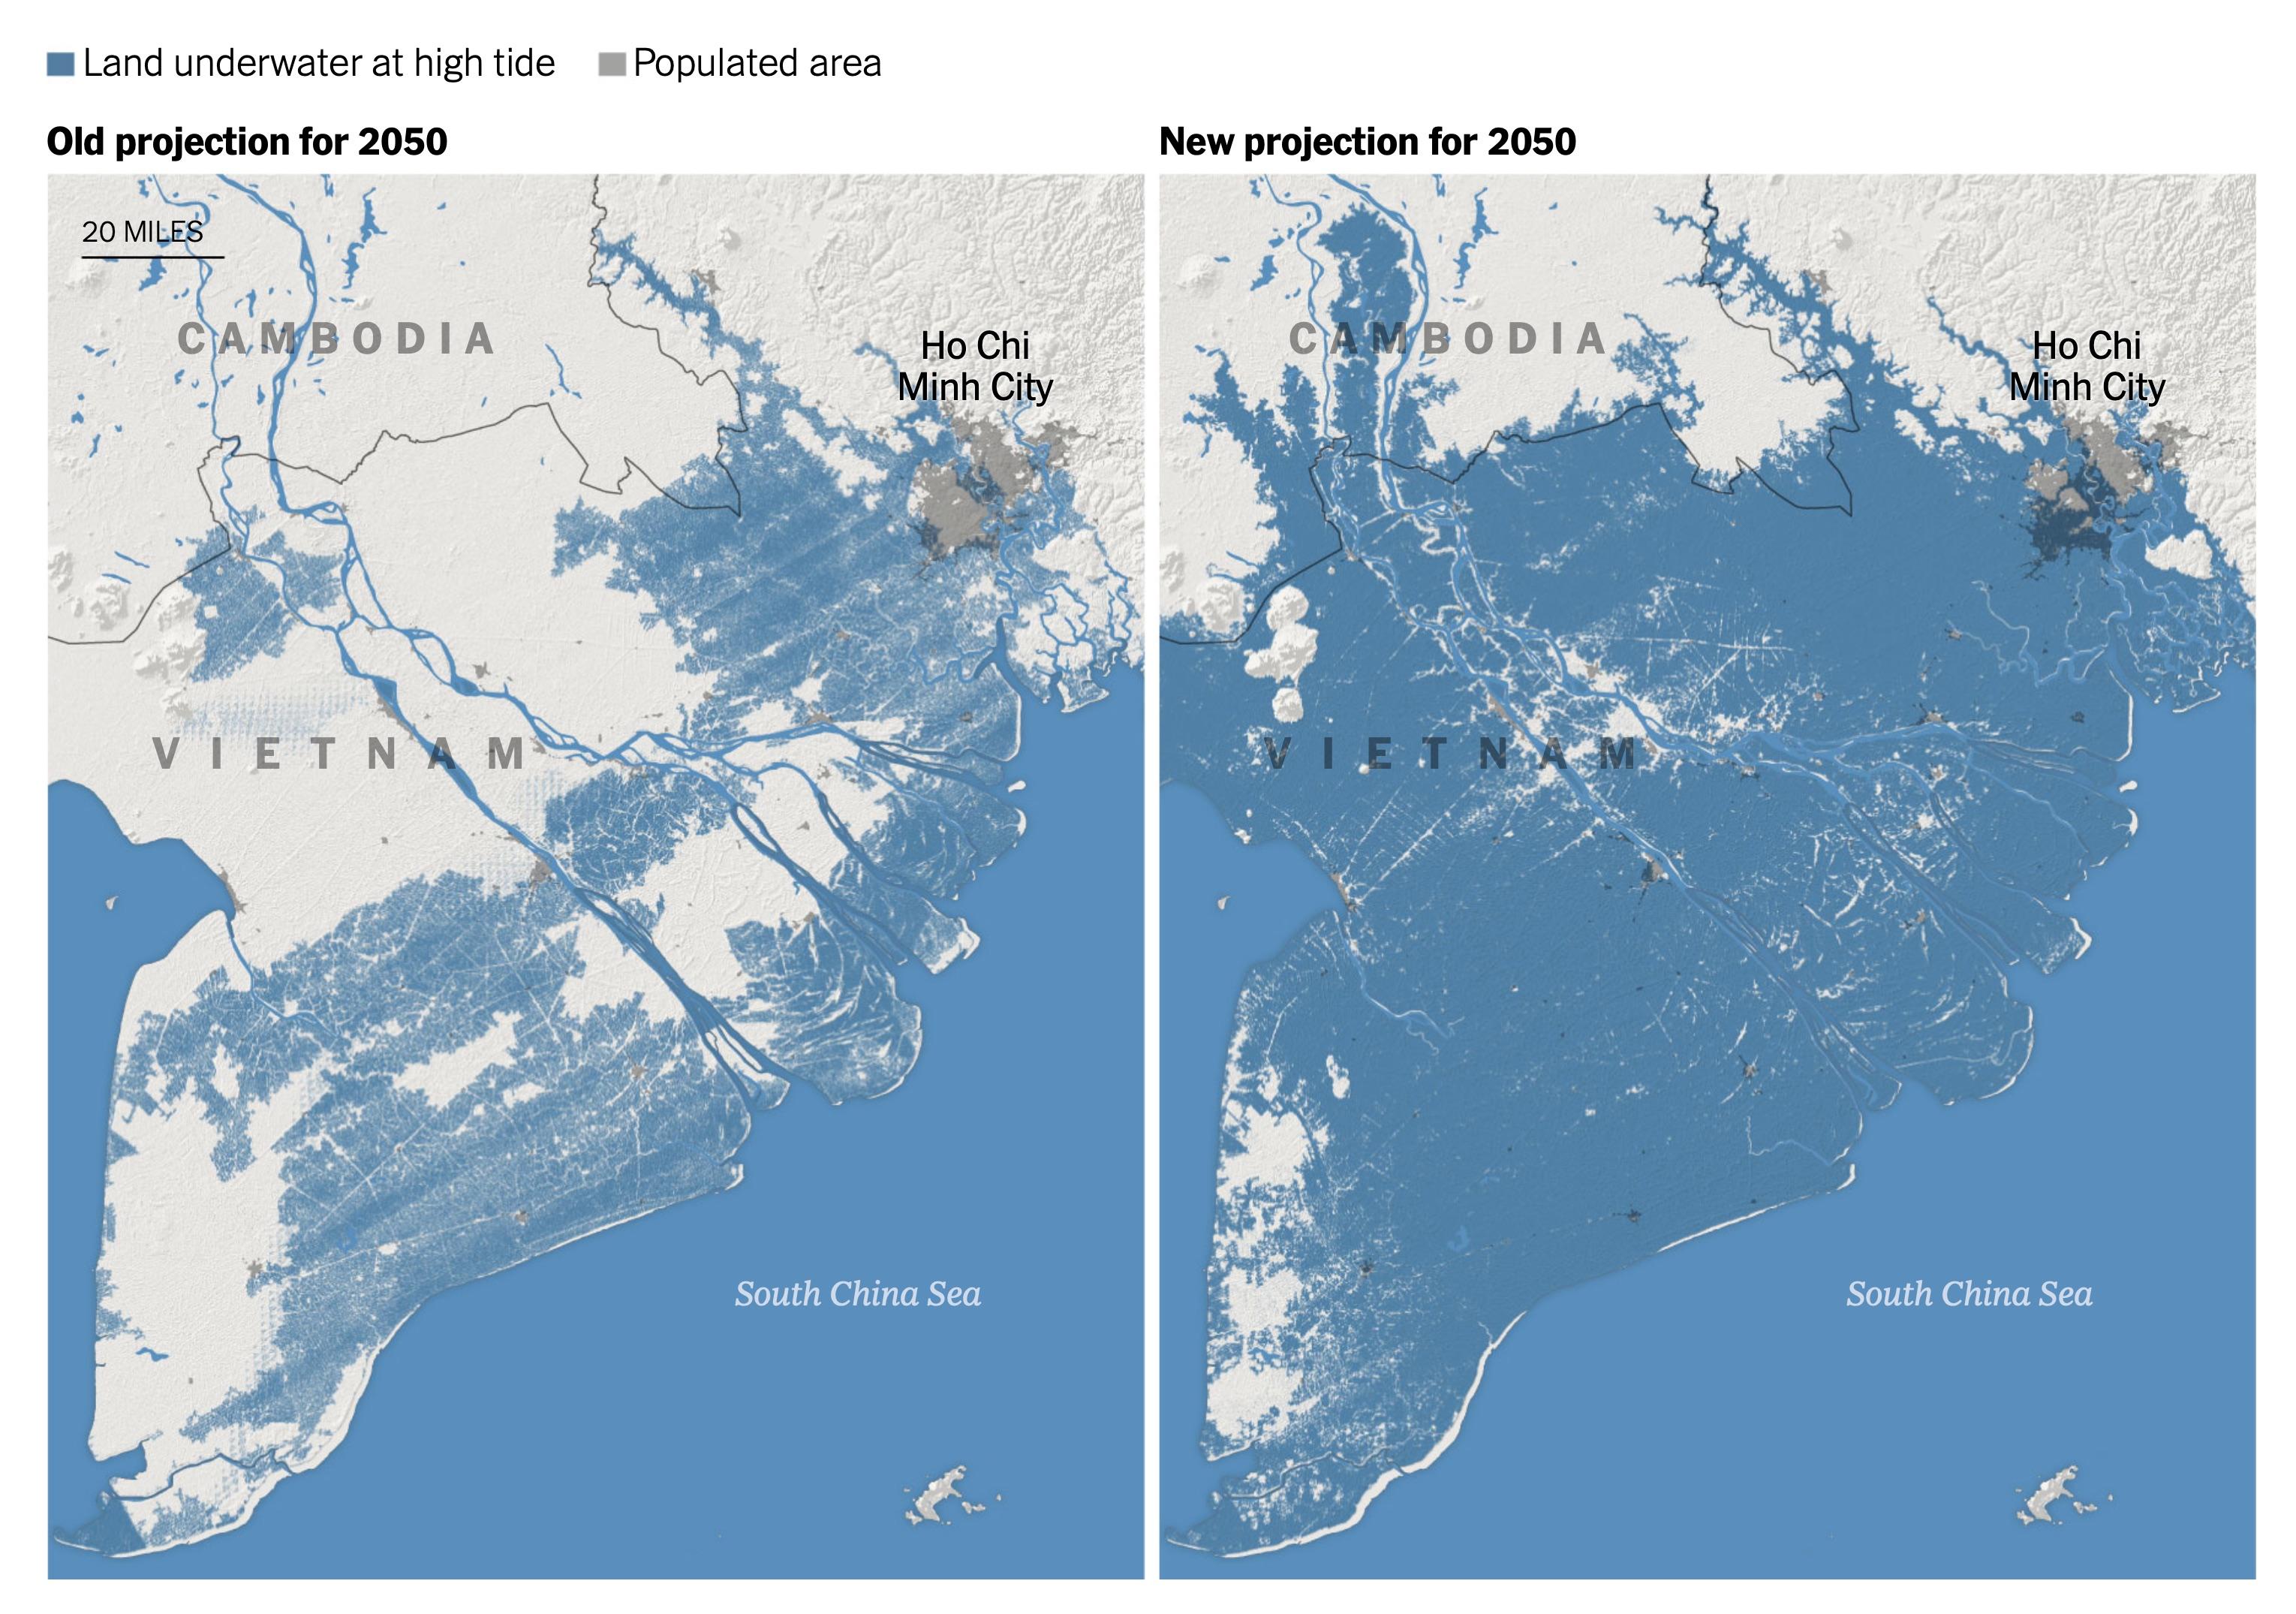 Thành phố Hồ Chí Minh bị ảnh hưởng trầm trọng bởi mực nước biển dâng cao trong năm 2050